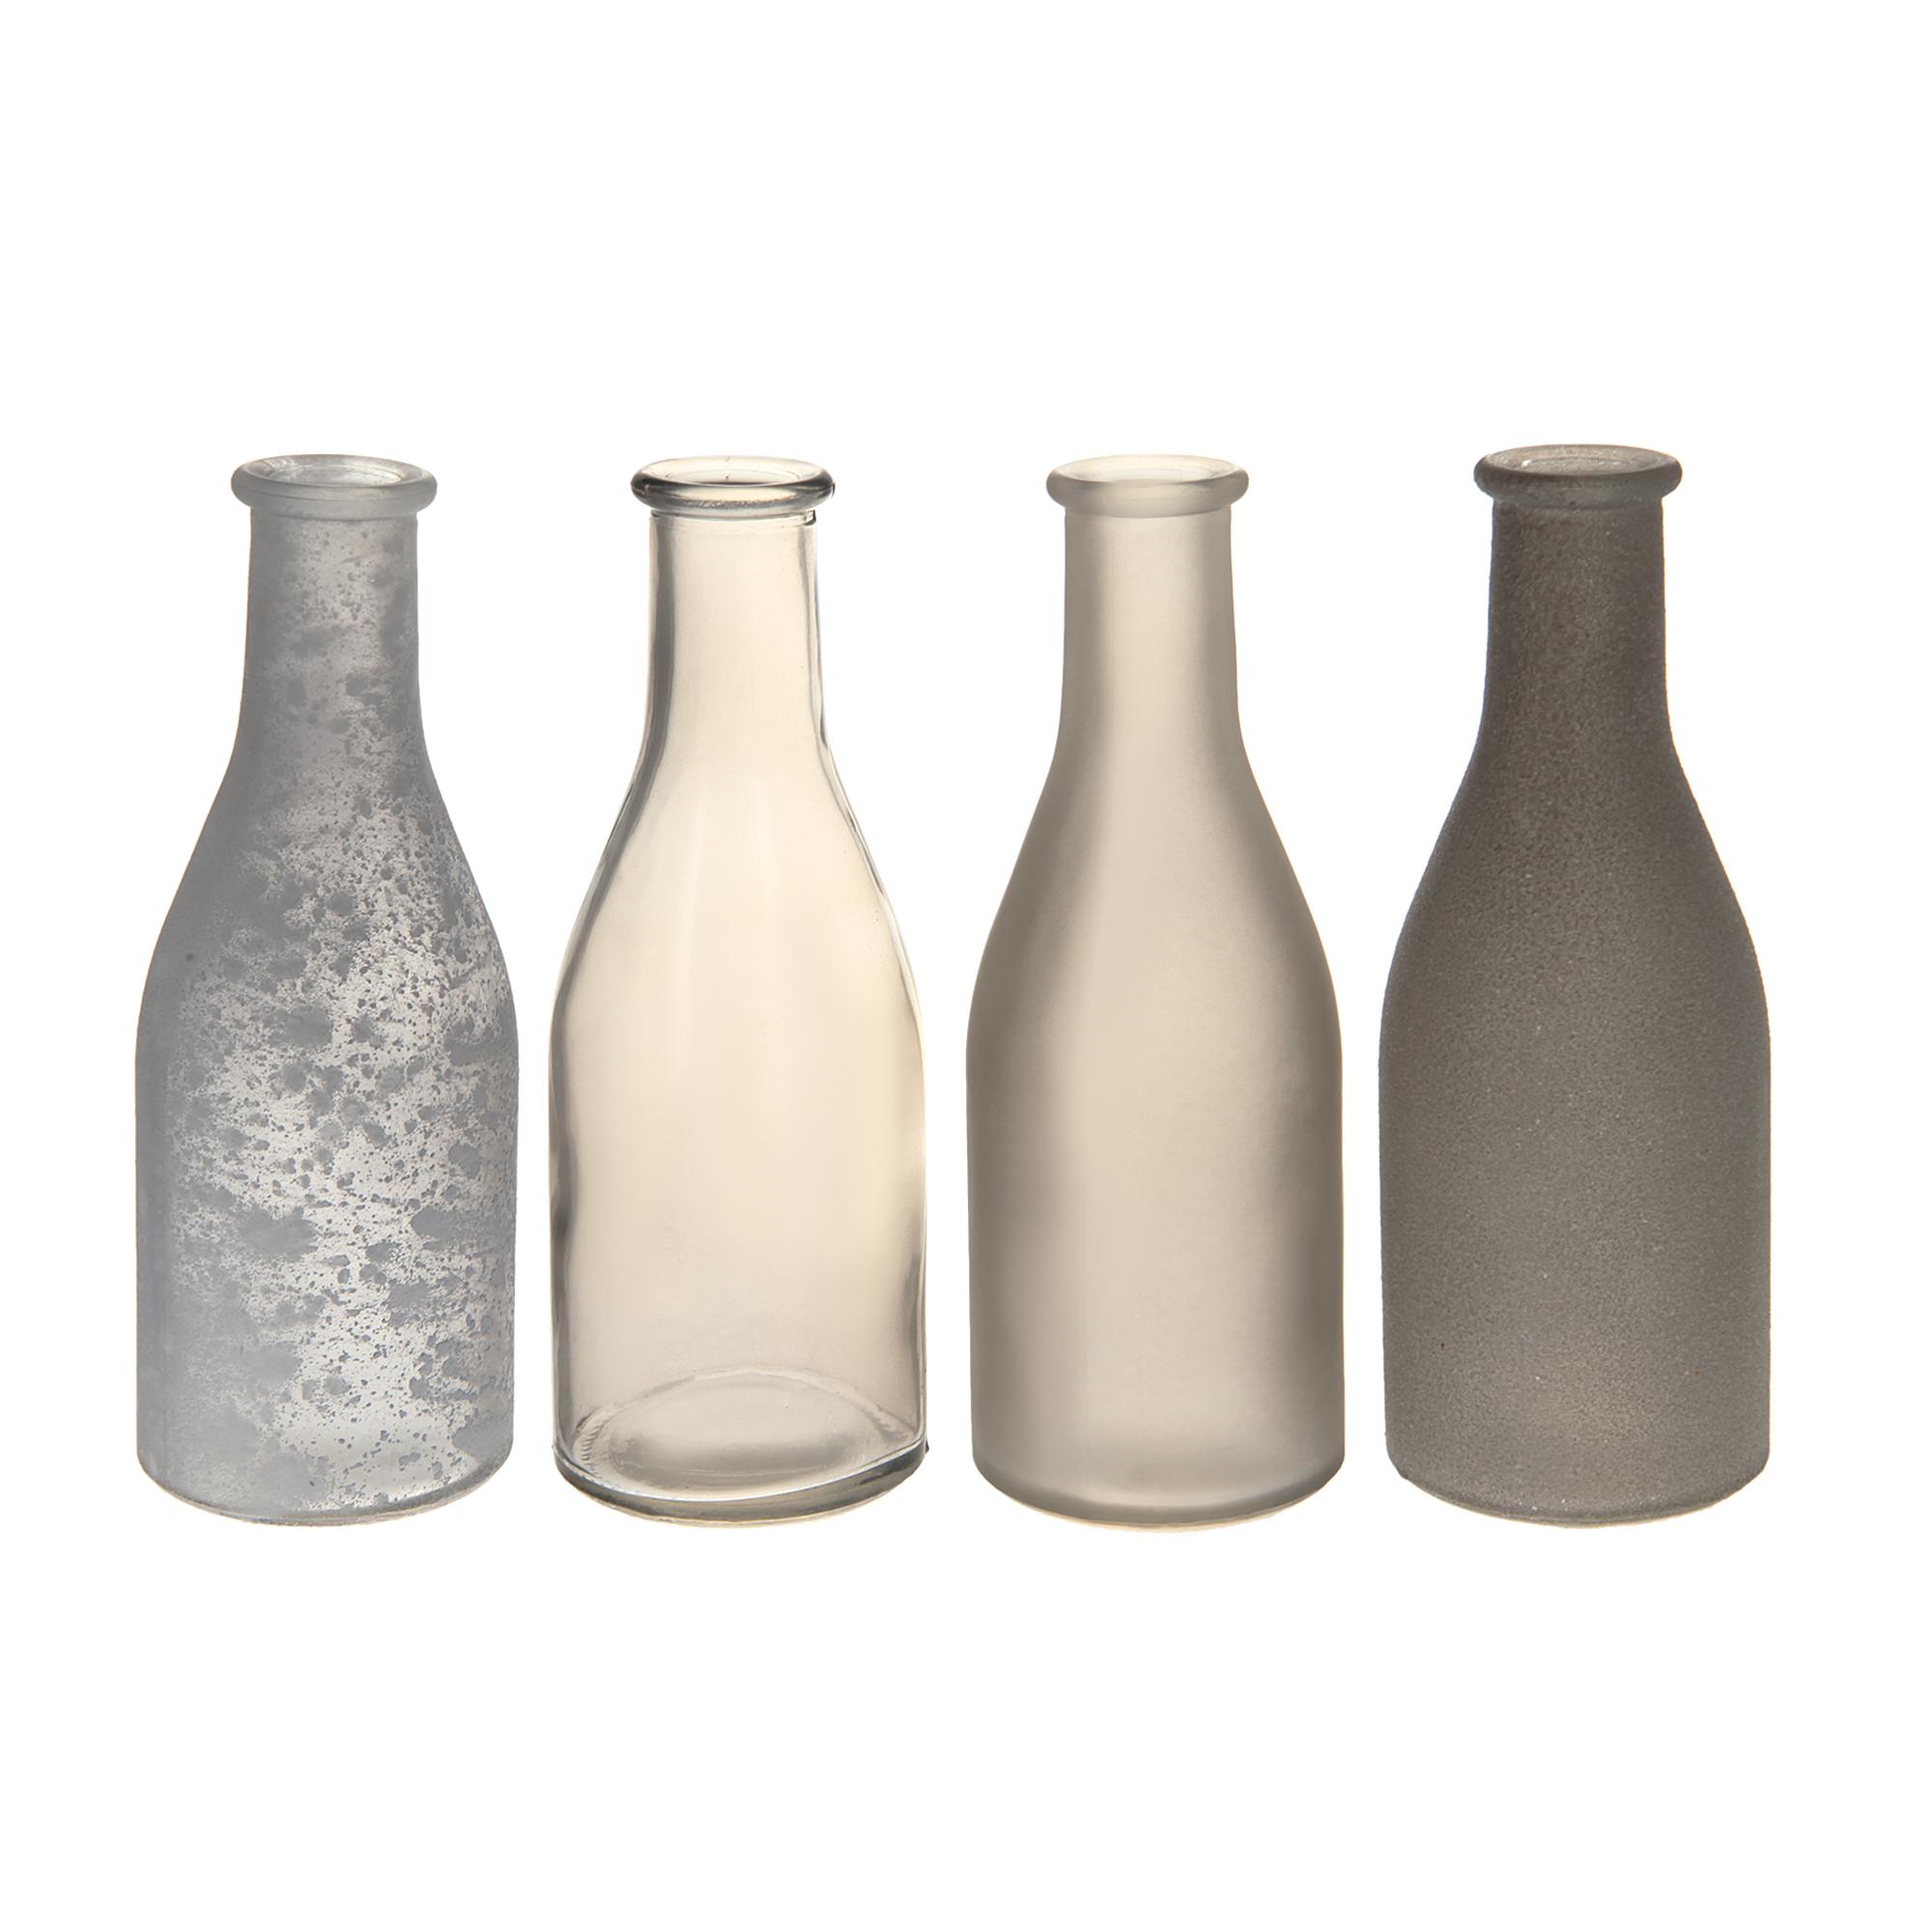 Ваза Hakbijl glass vase 18см 4шт/набор